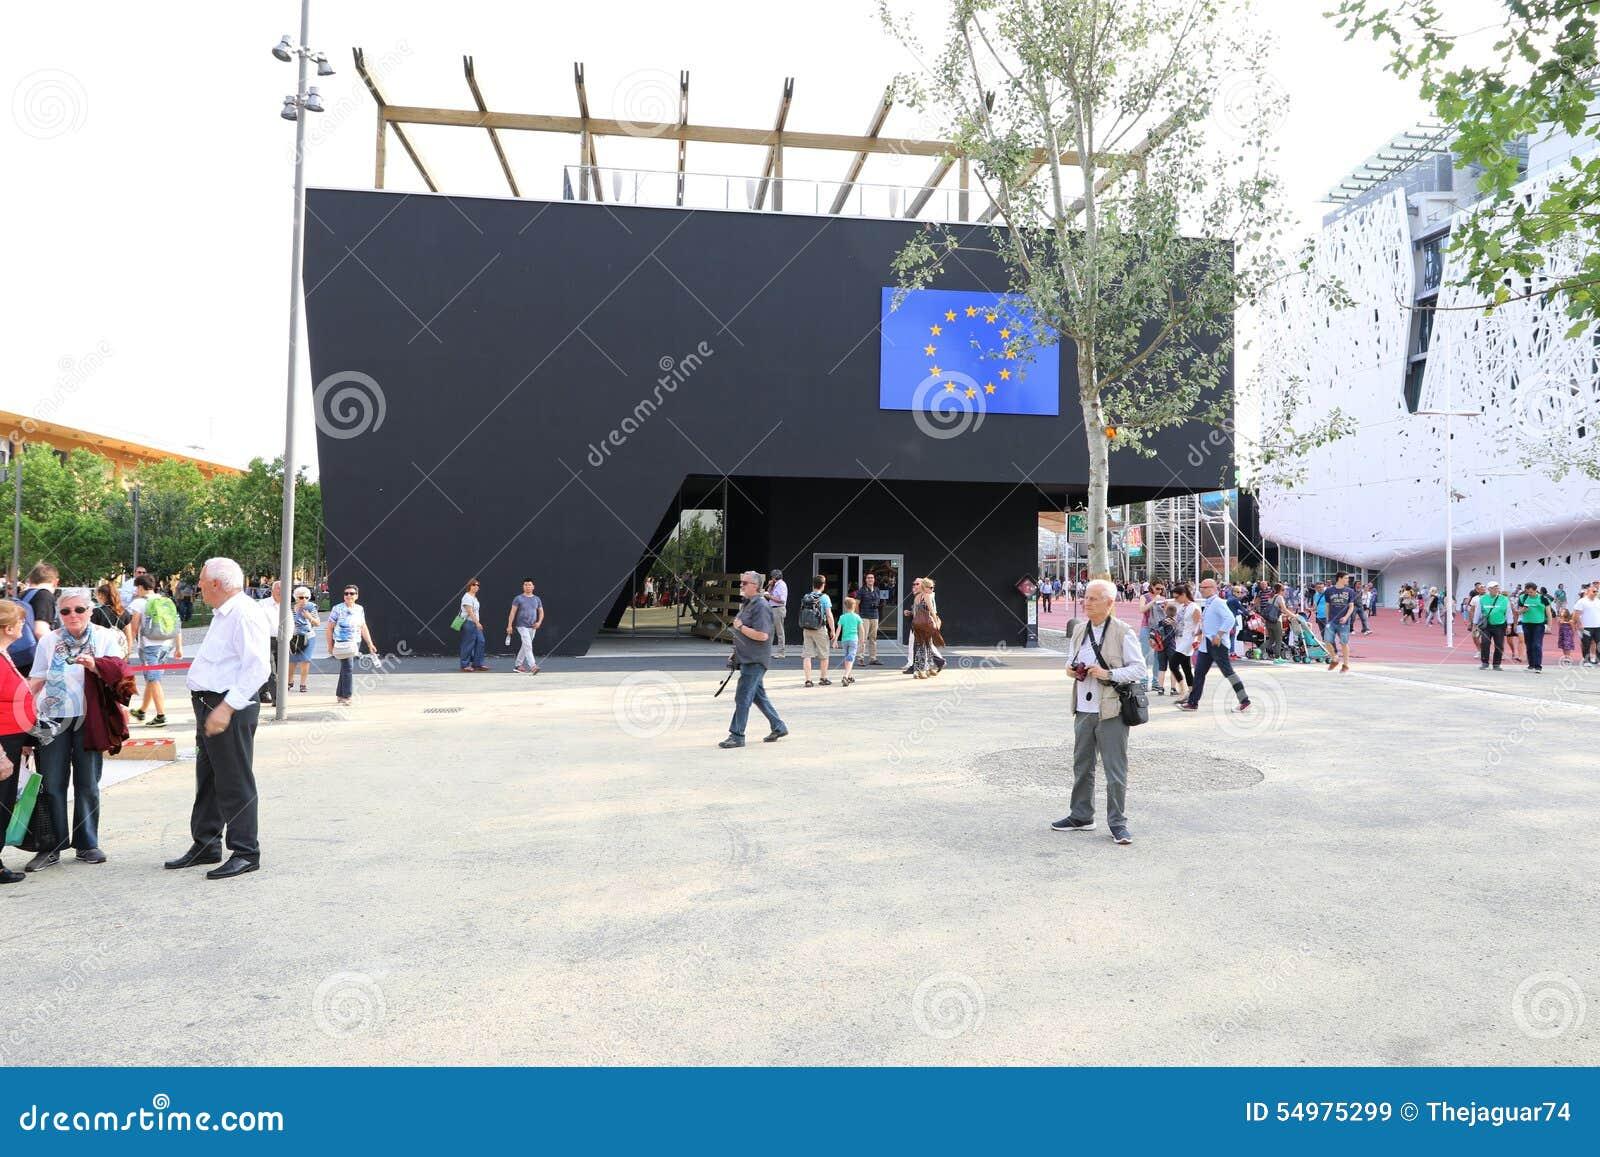 Pabellón expo 2015 de Milán, Milano de la unión europea